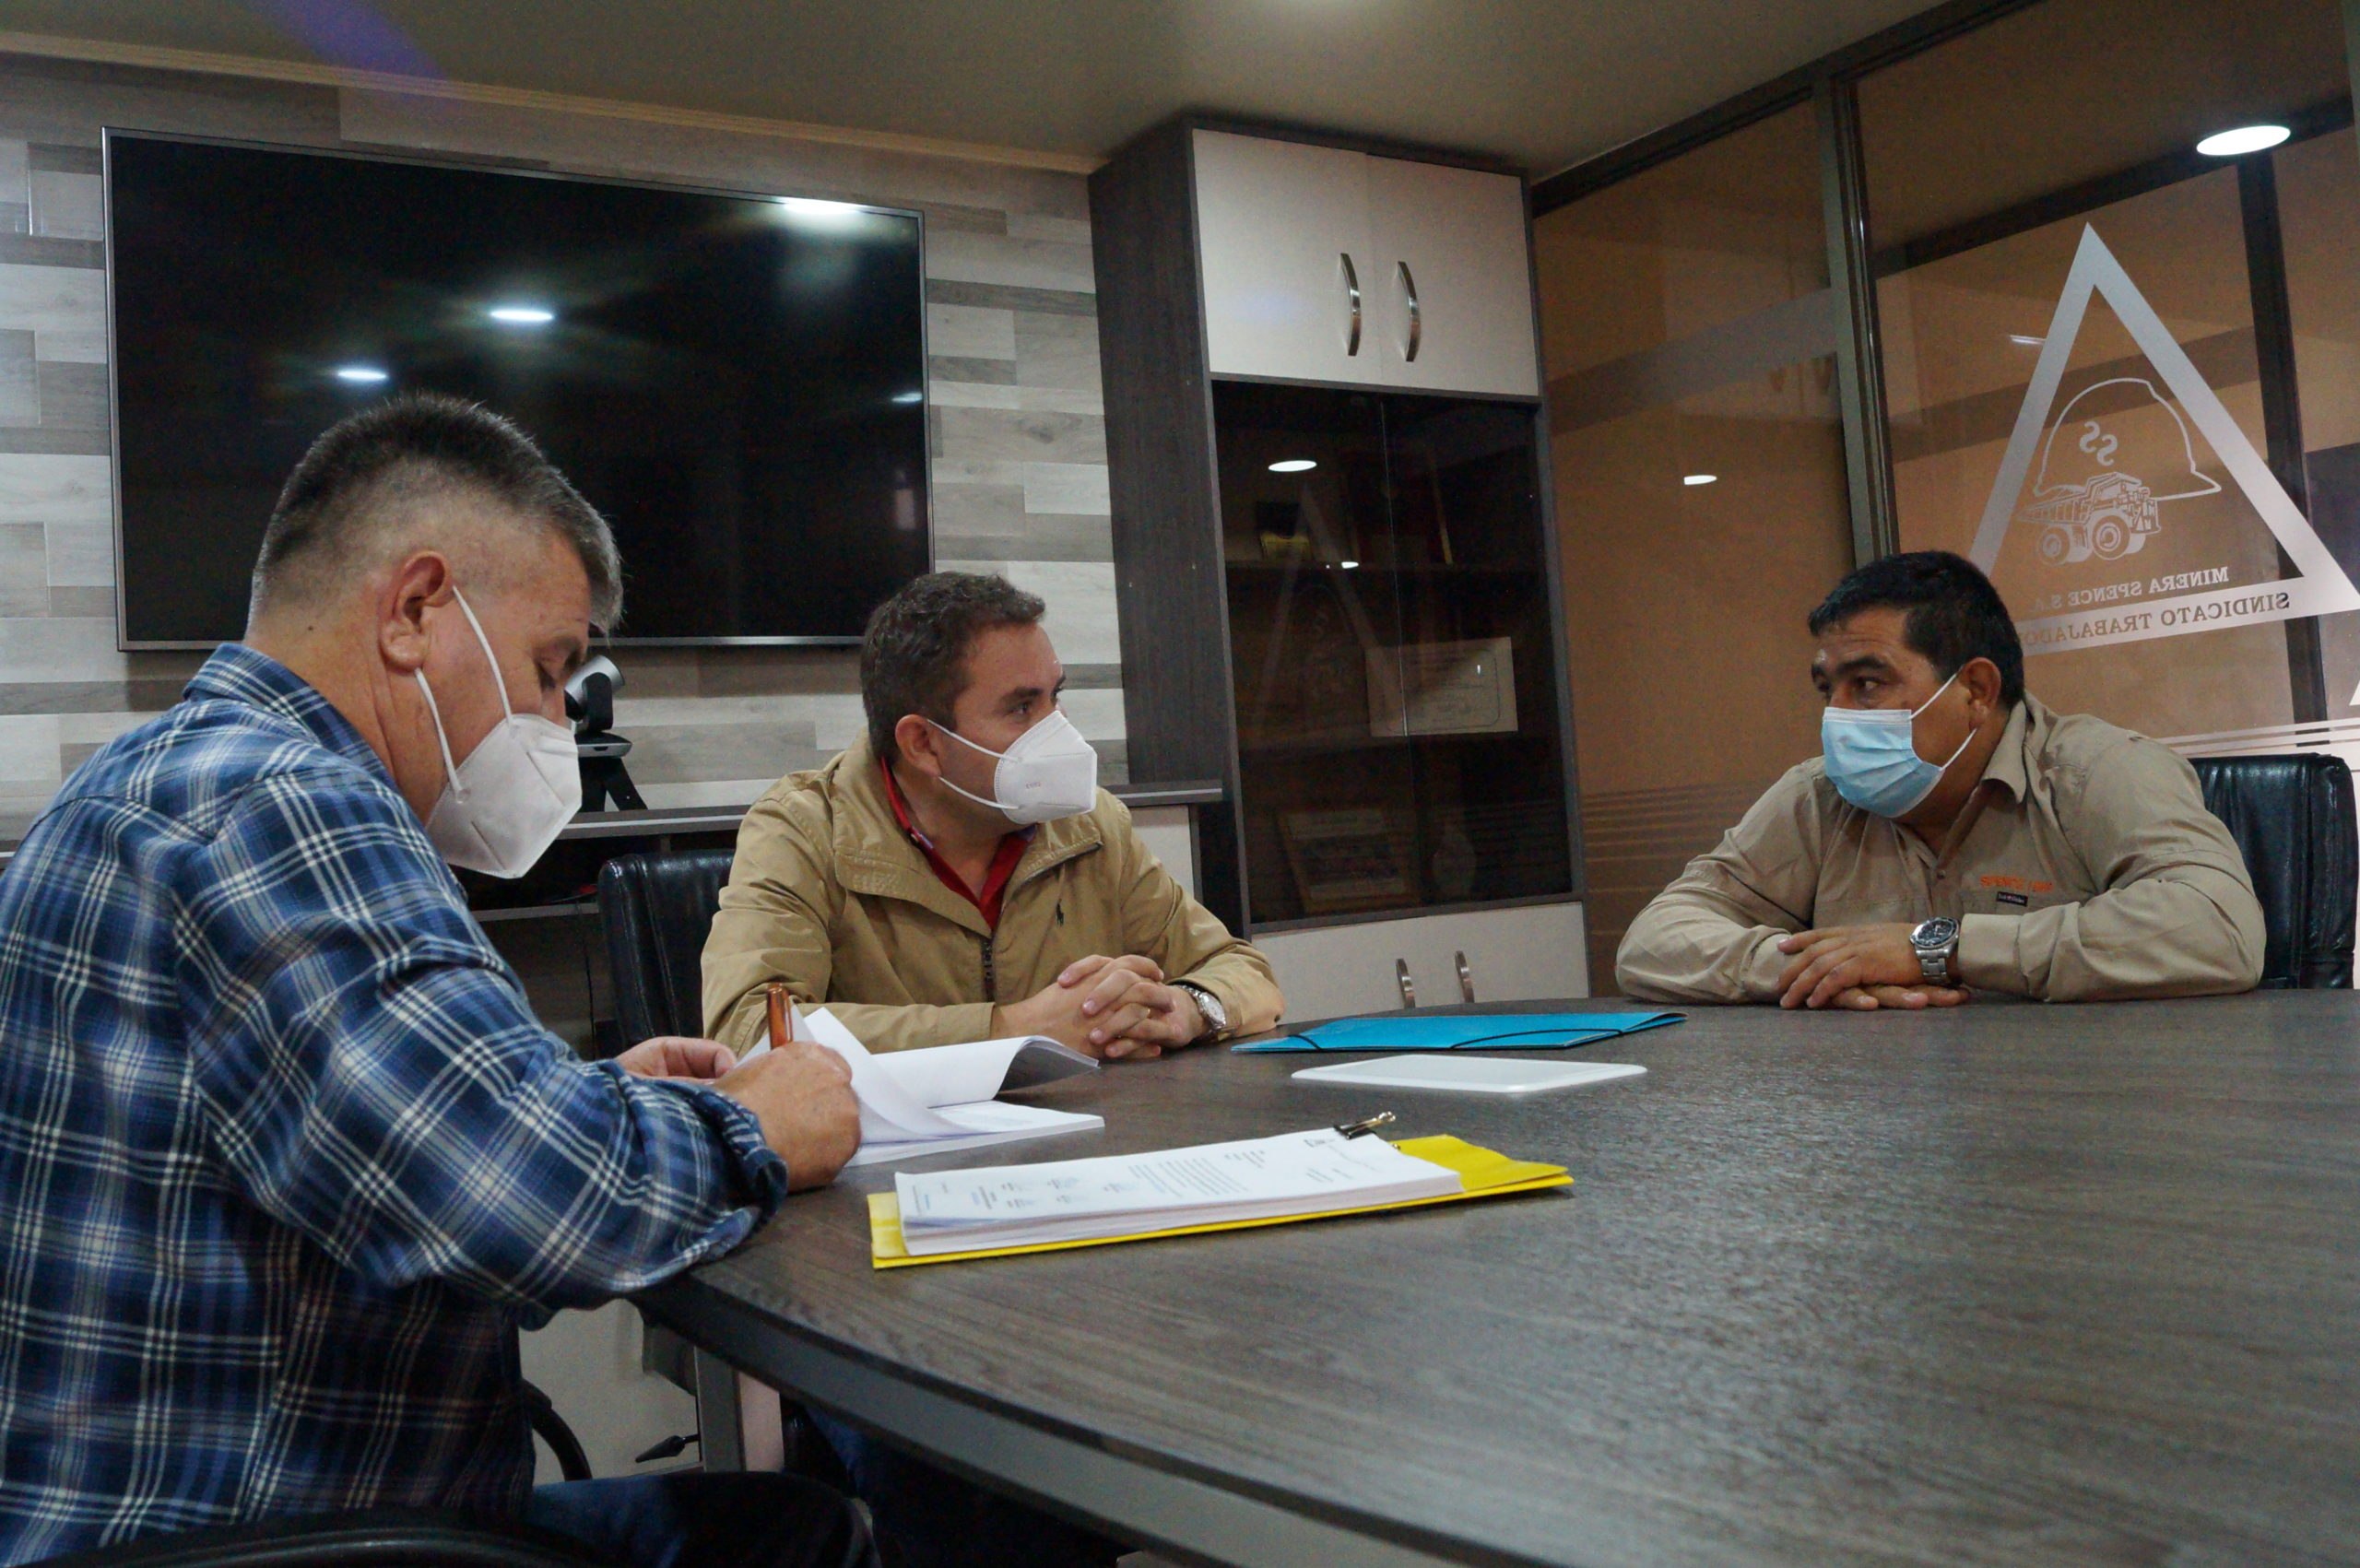 SINDICATO SPENCE INICIÓ PROCESO DE NEGOCIACIÓN REGLADA CON PRESENTACIÓN DE SU PROYECTO DE CONTRATO COLECTIVO